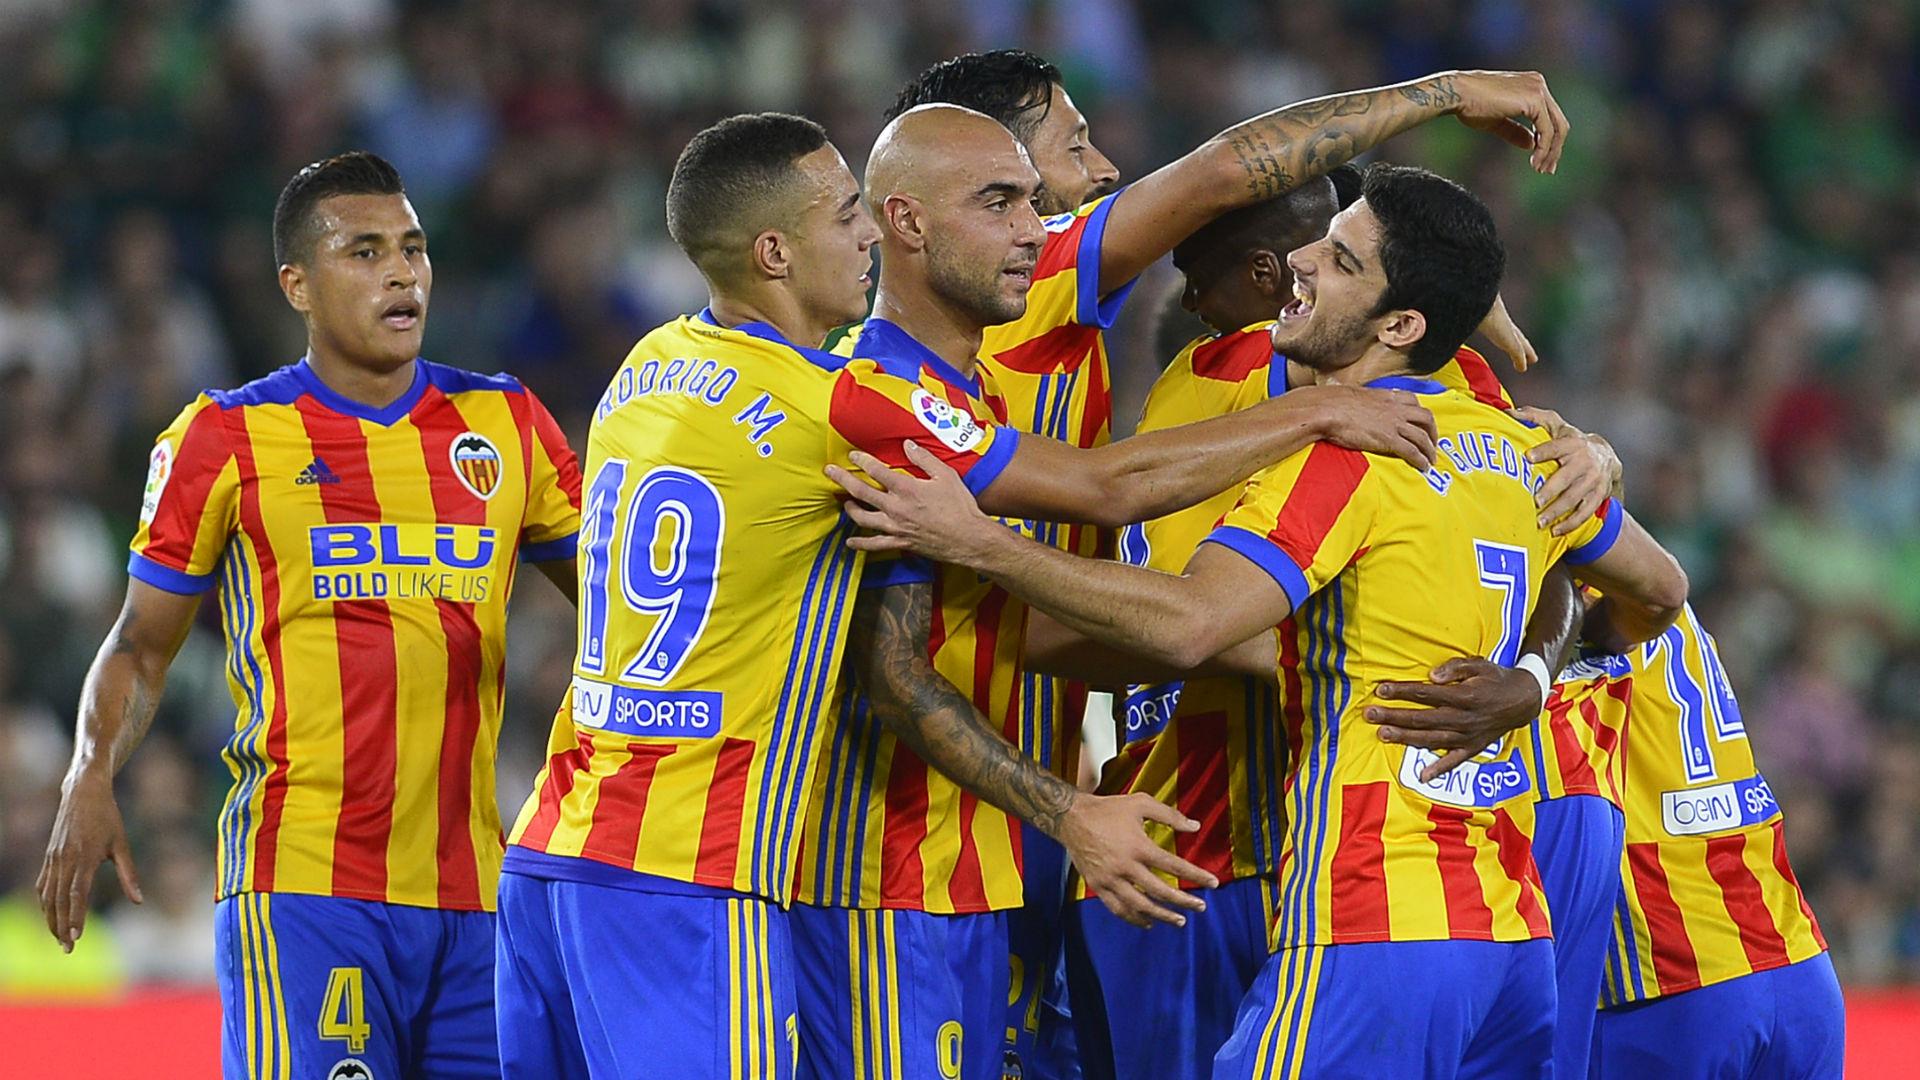 Valencia La Liga Simone Zaza